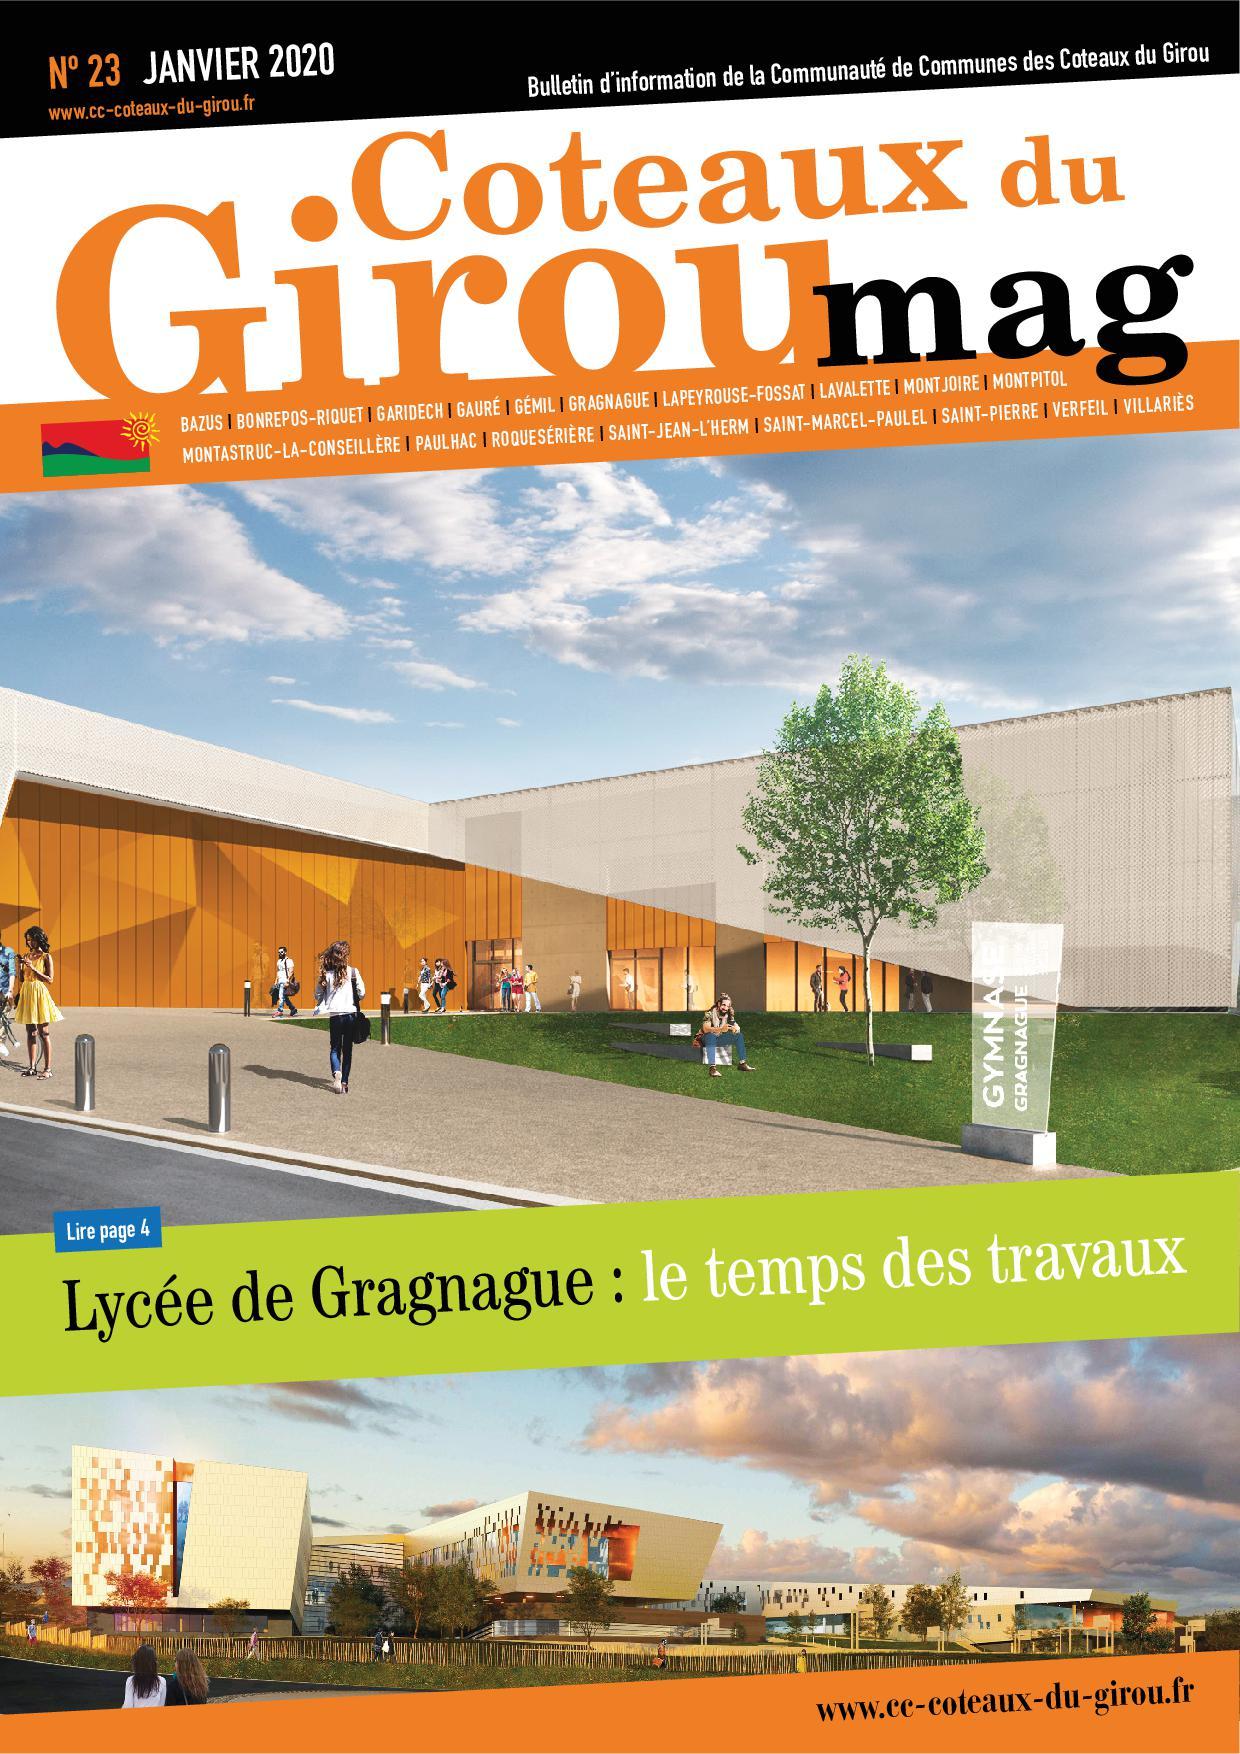 Première page du bulletin Caoteaux du Girou Mag